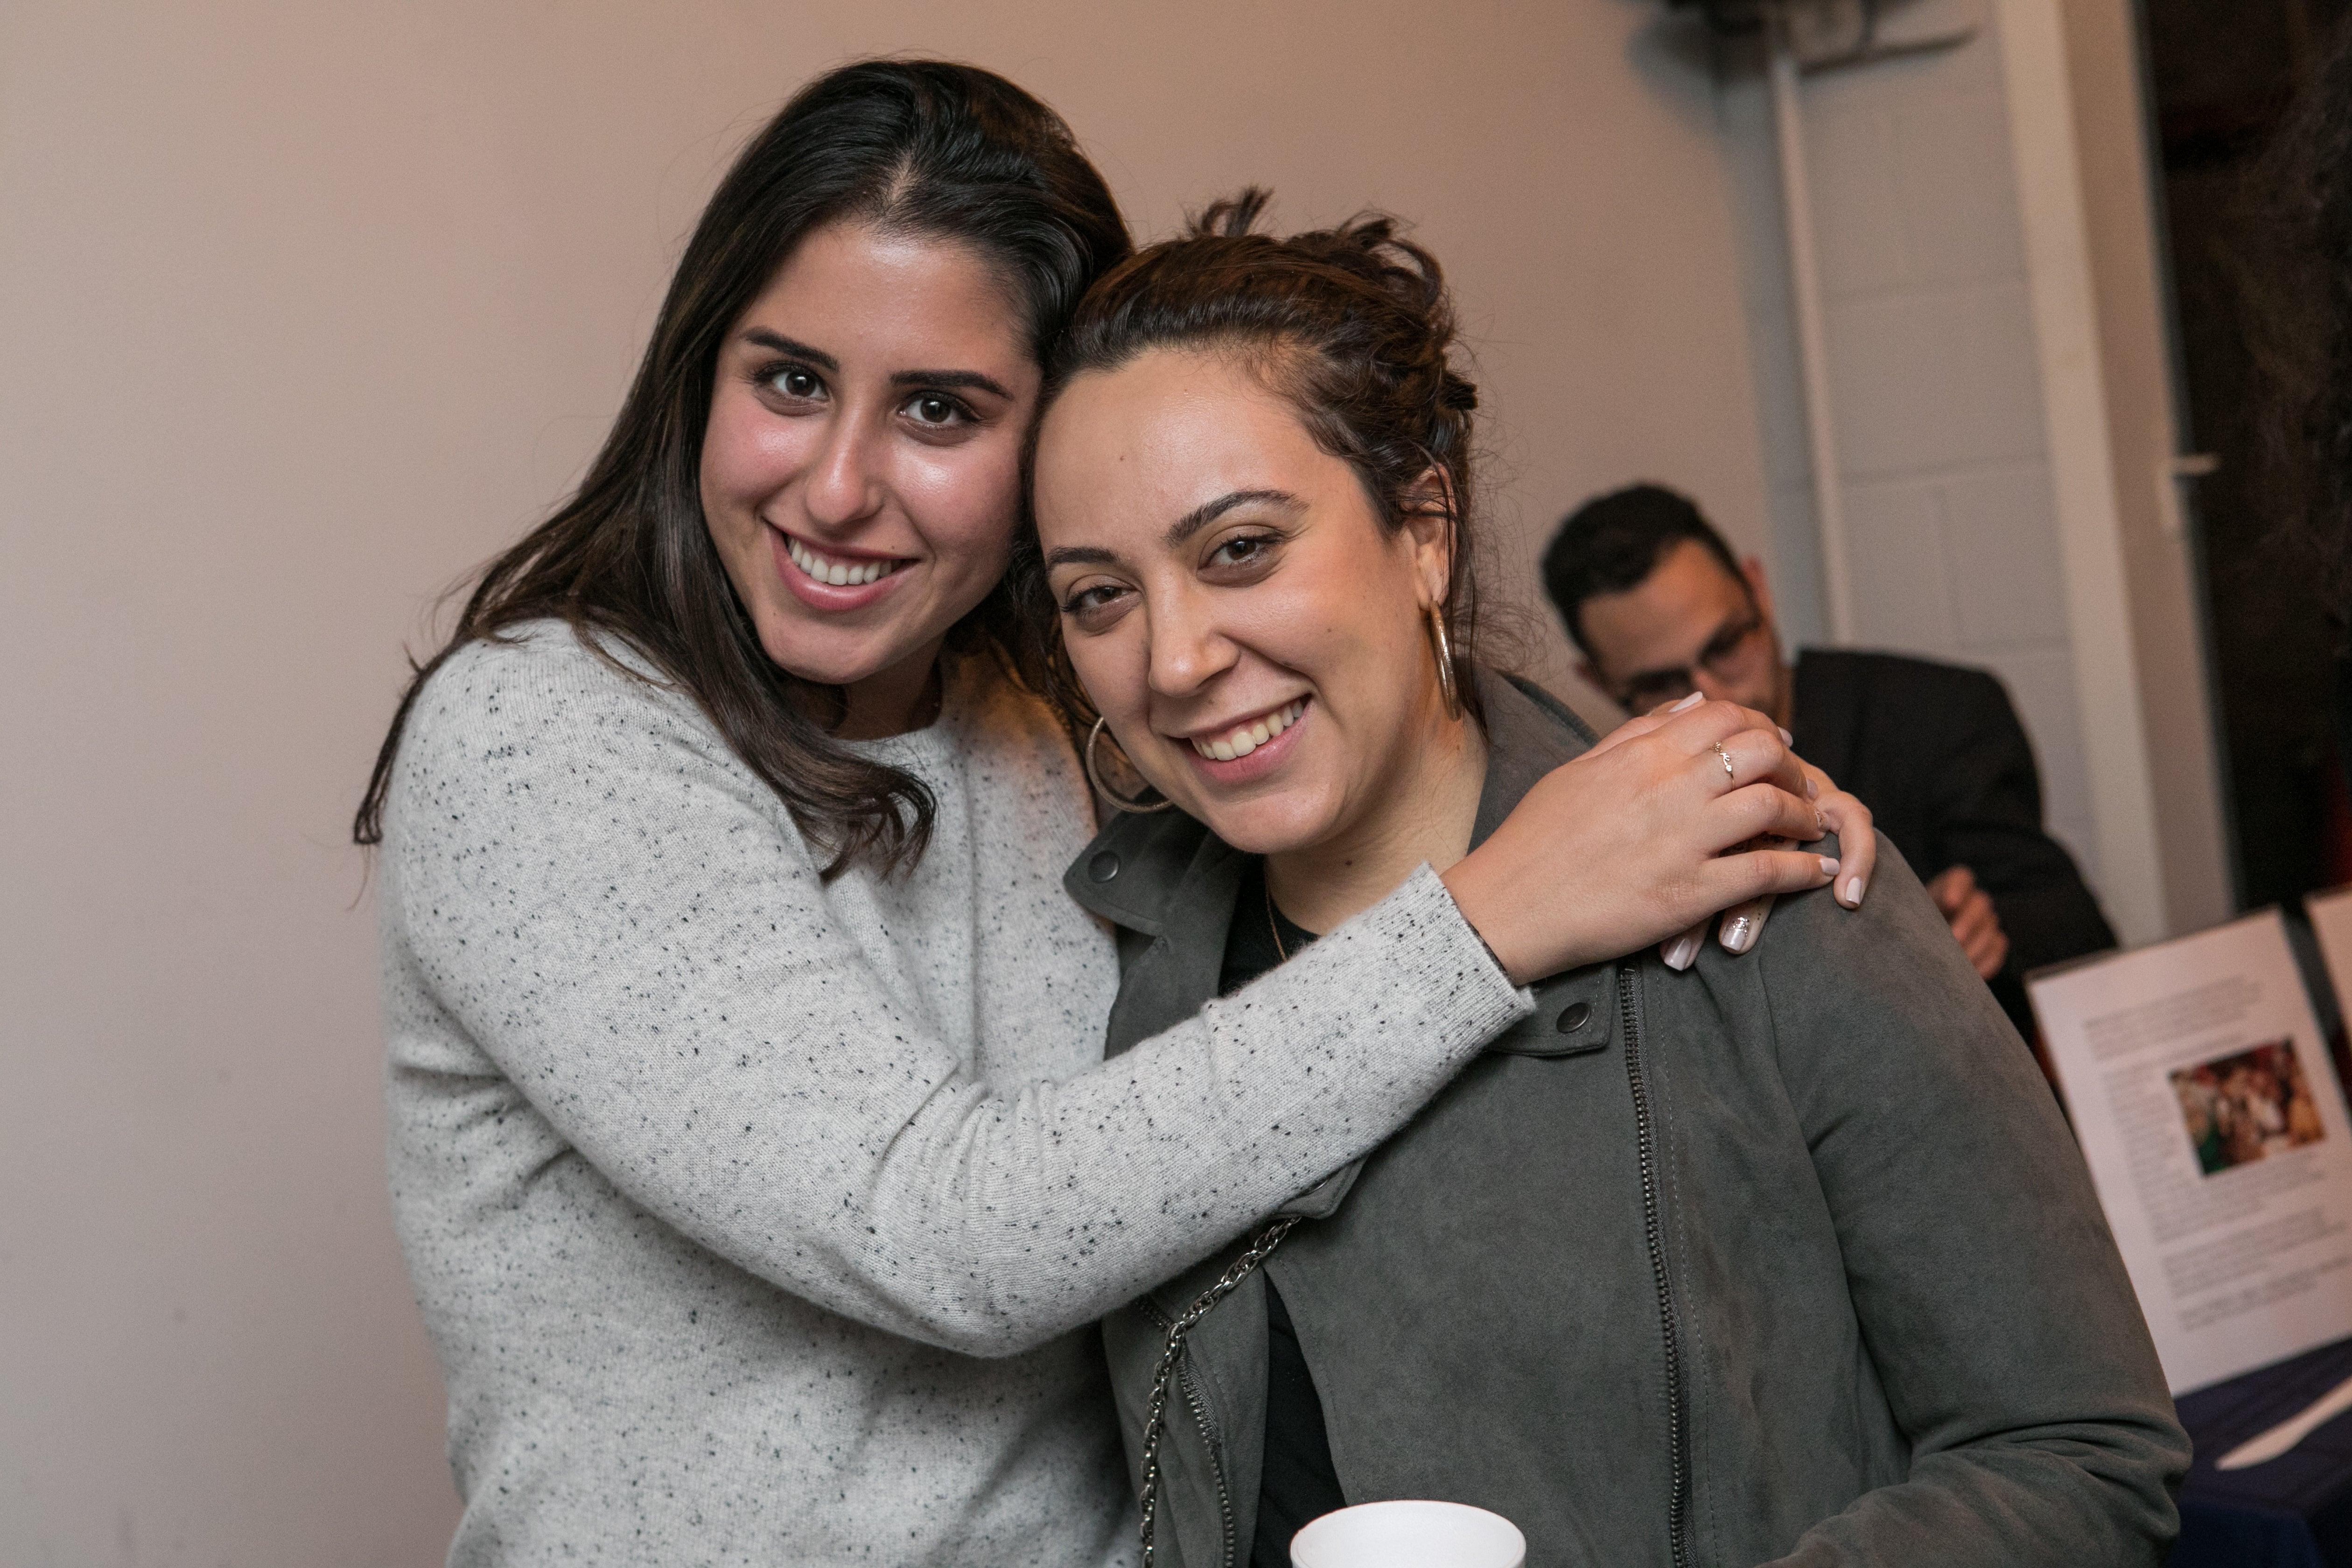 Persian juutalainen dating